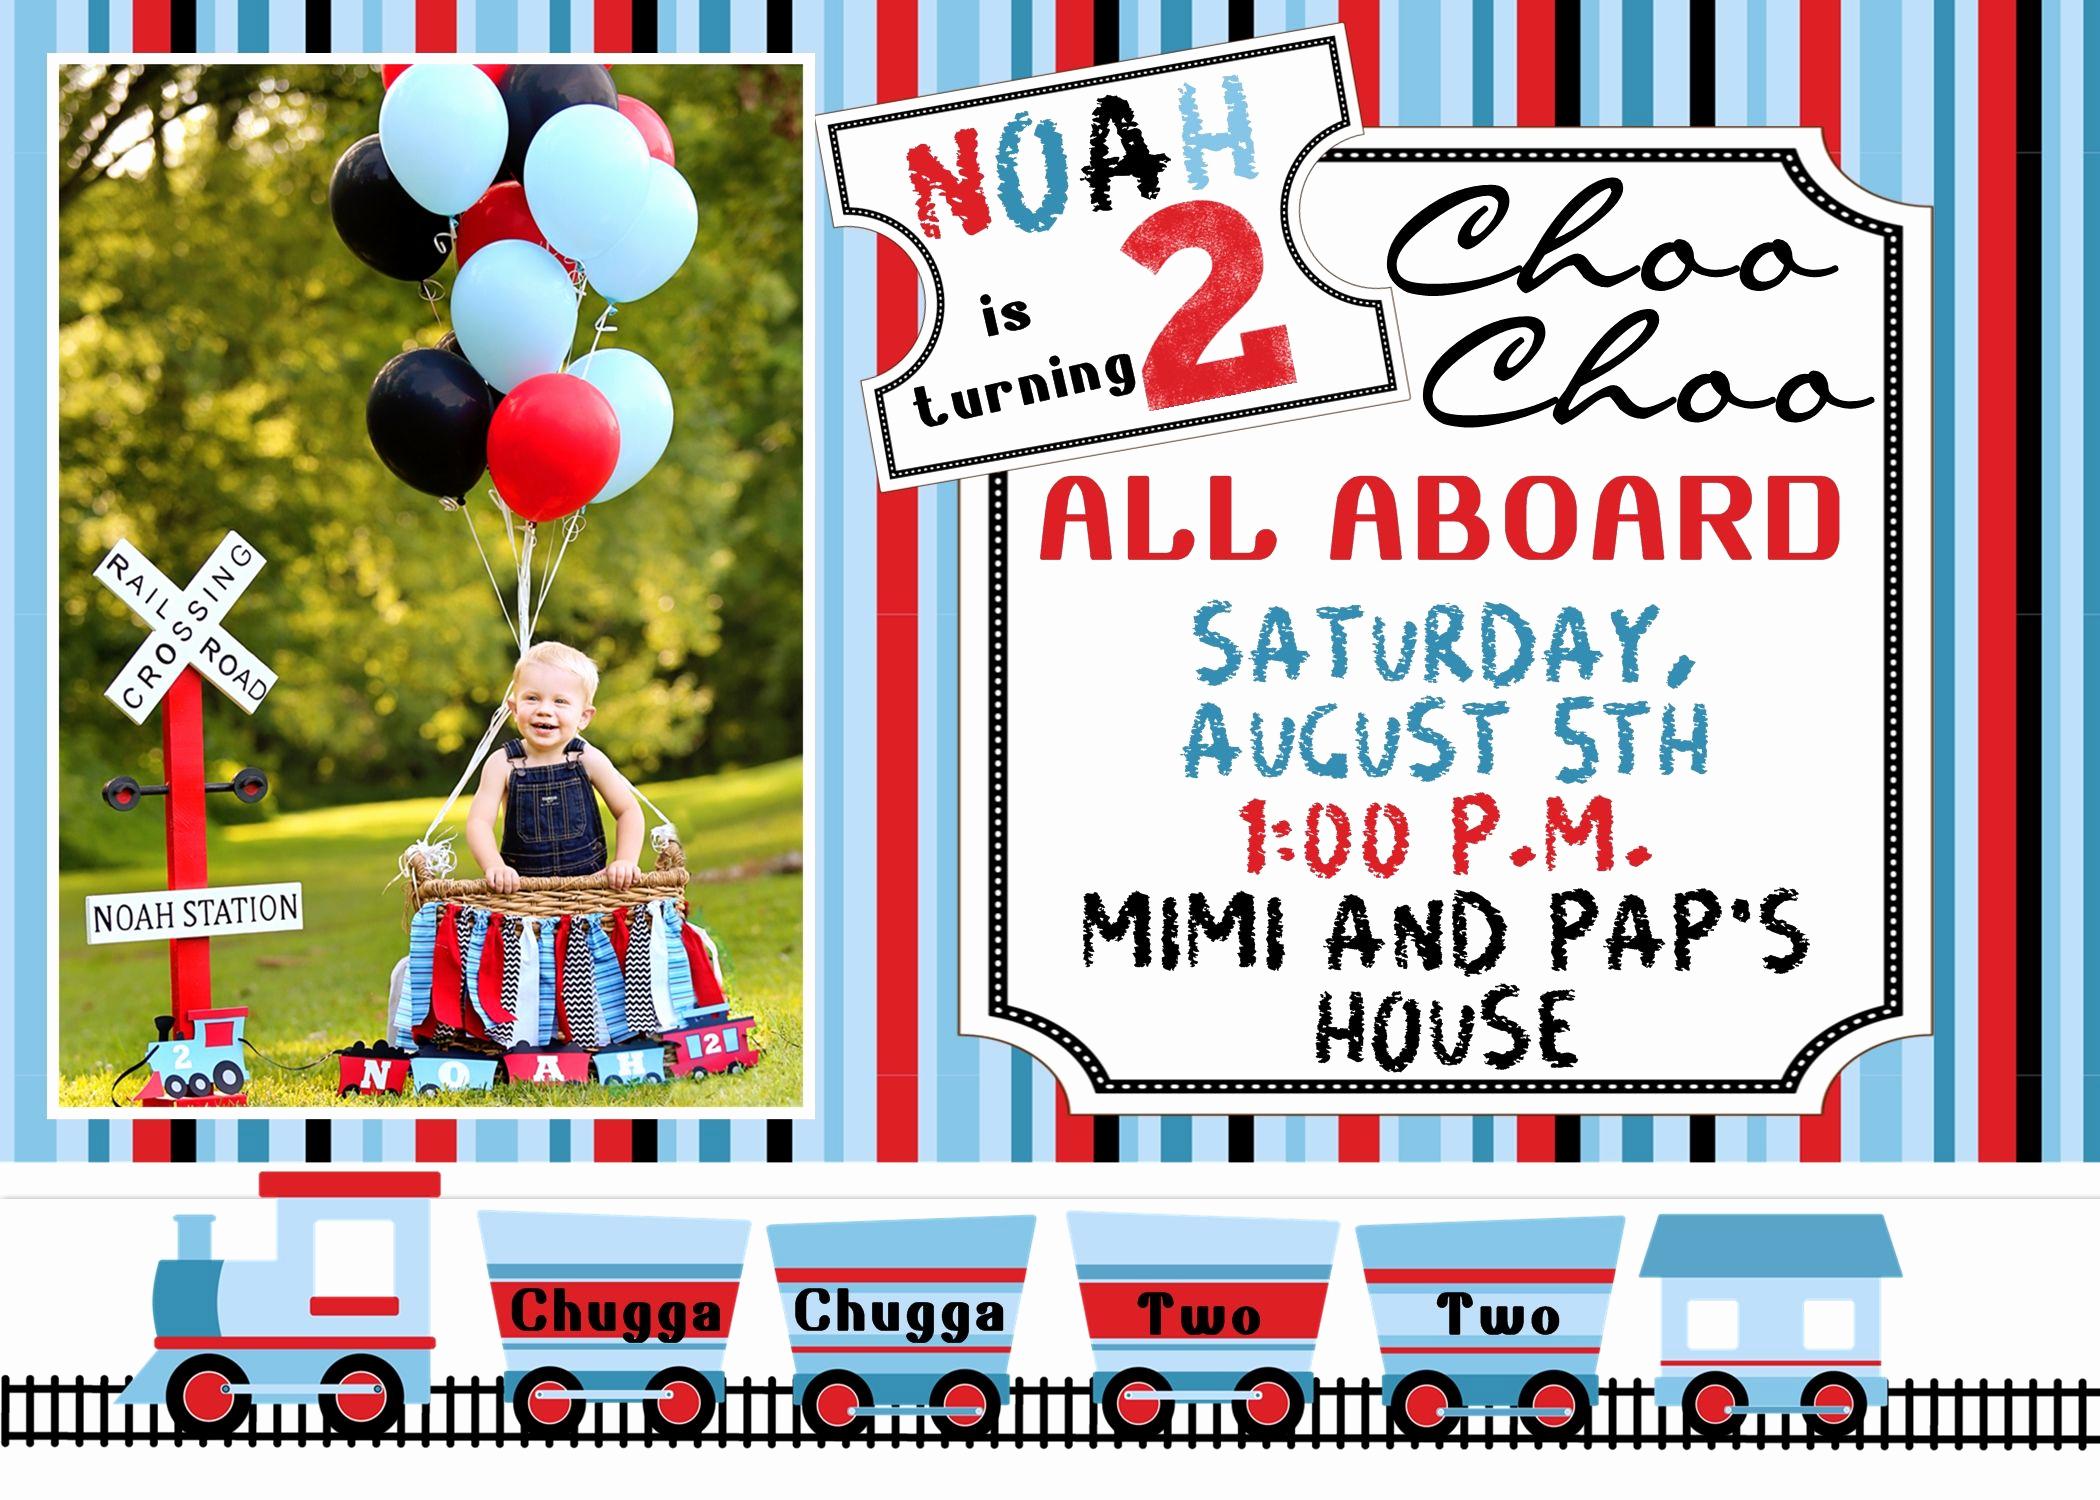 Back to School Night Invitation New Chugga Chugga Two Two All Aboard the Choo Choo Train